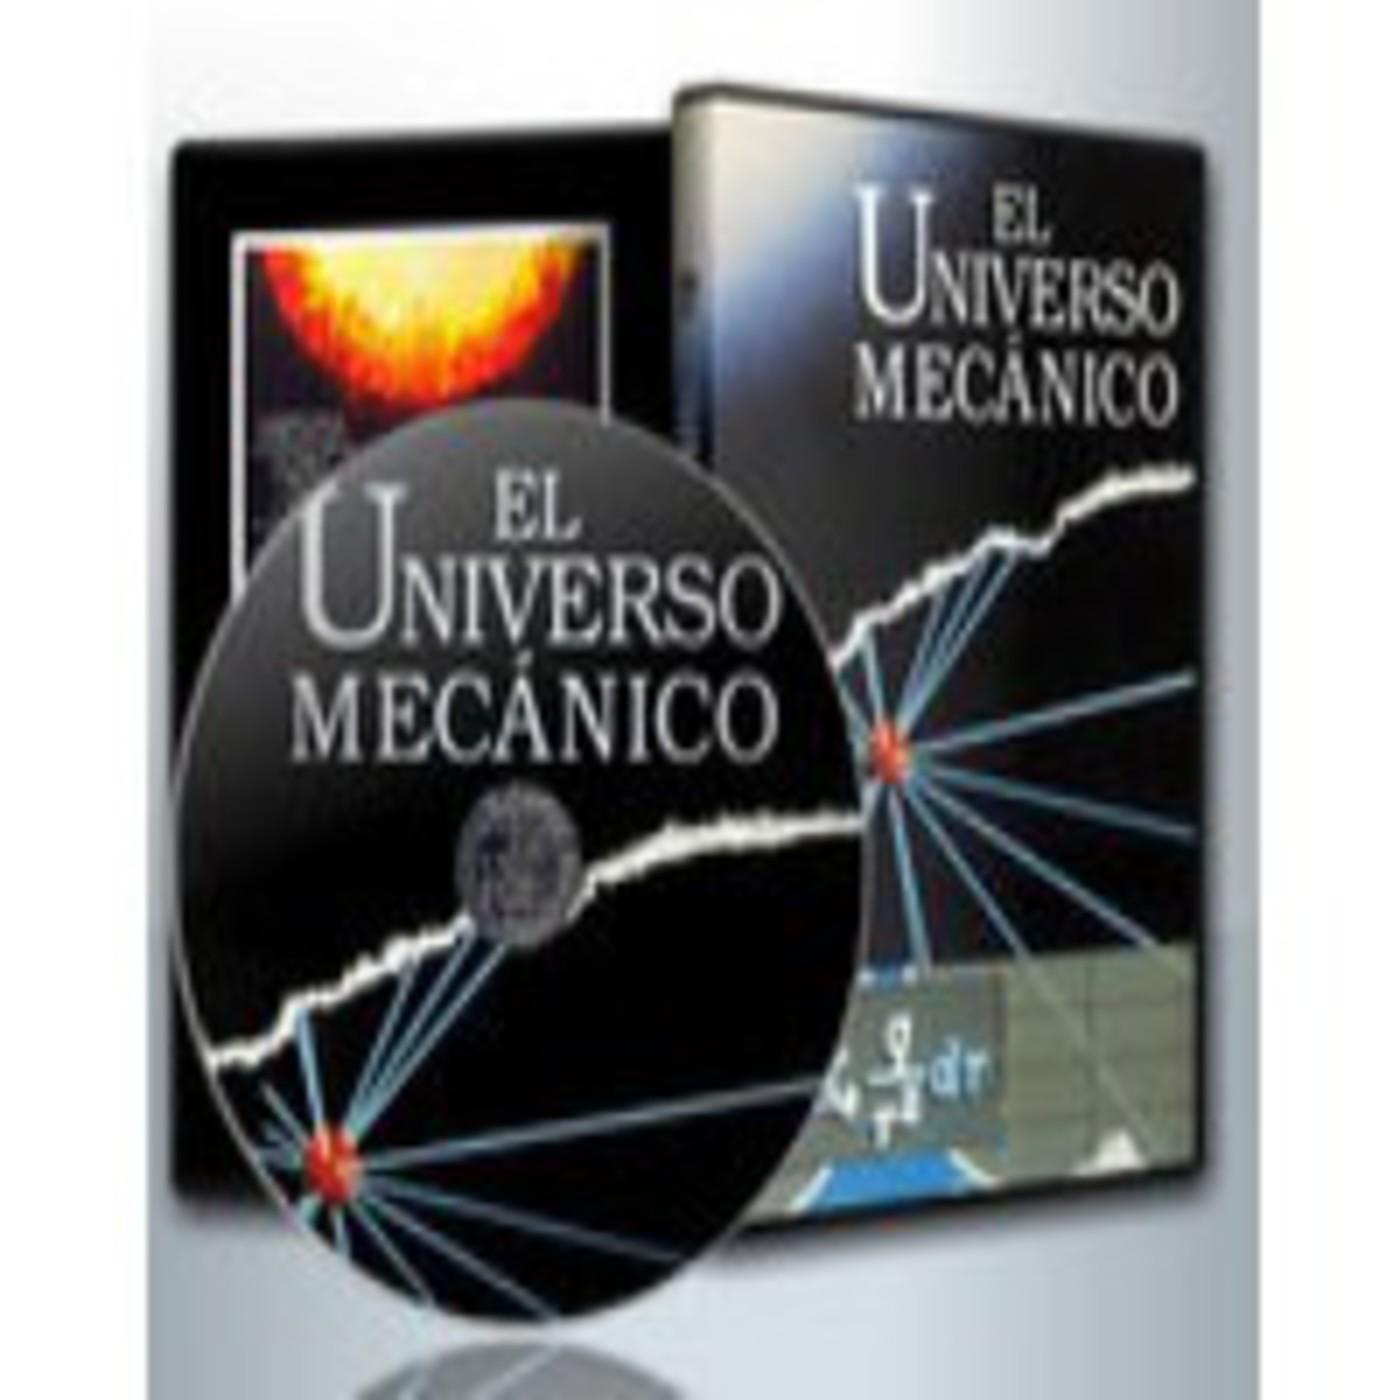 52-52 El Universo cuántico mecánico